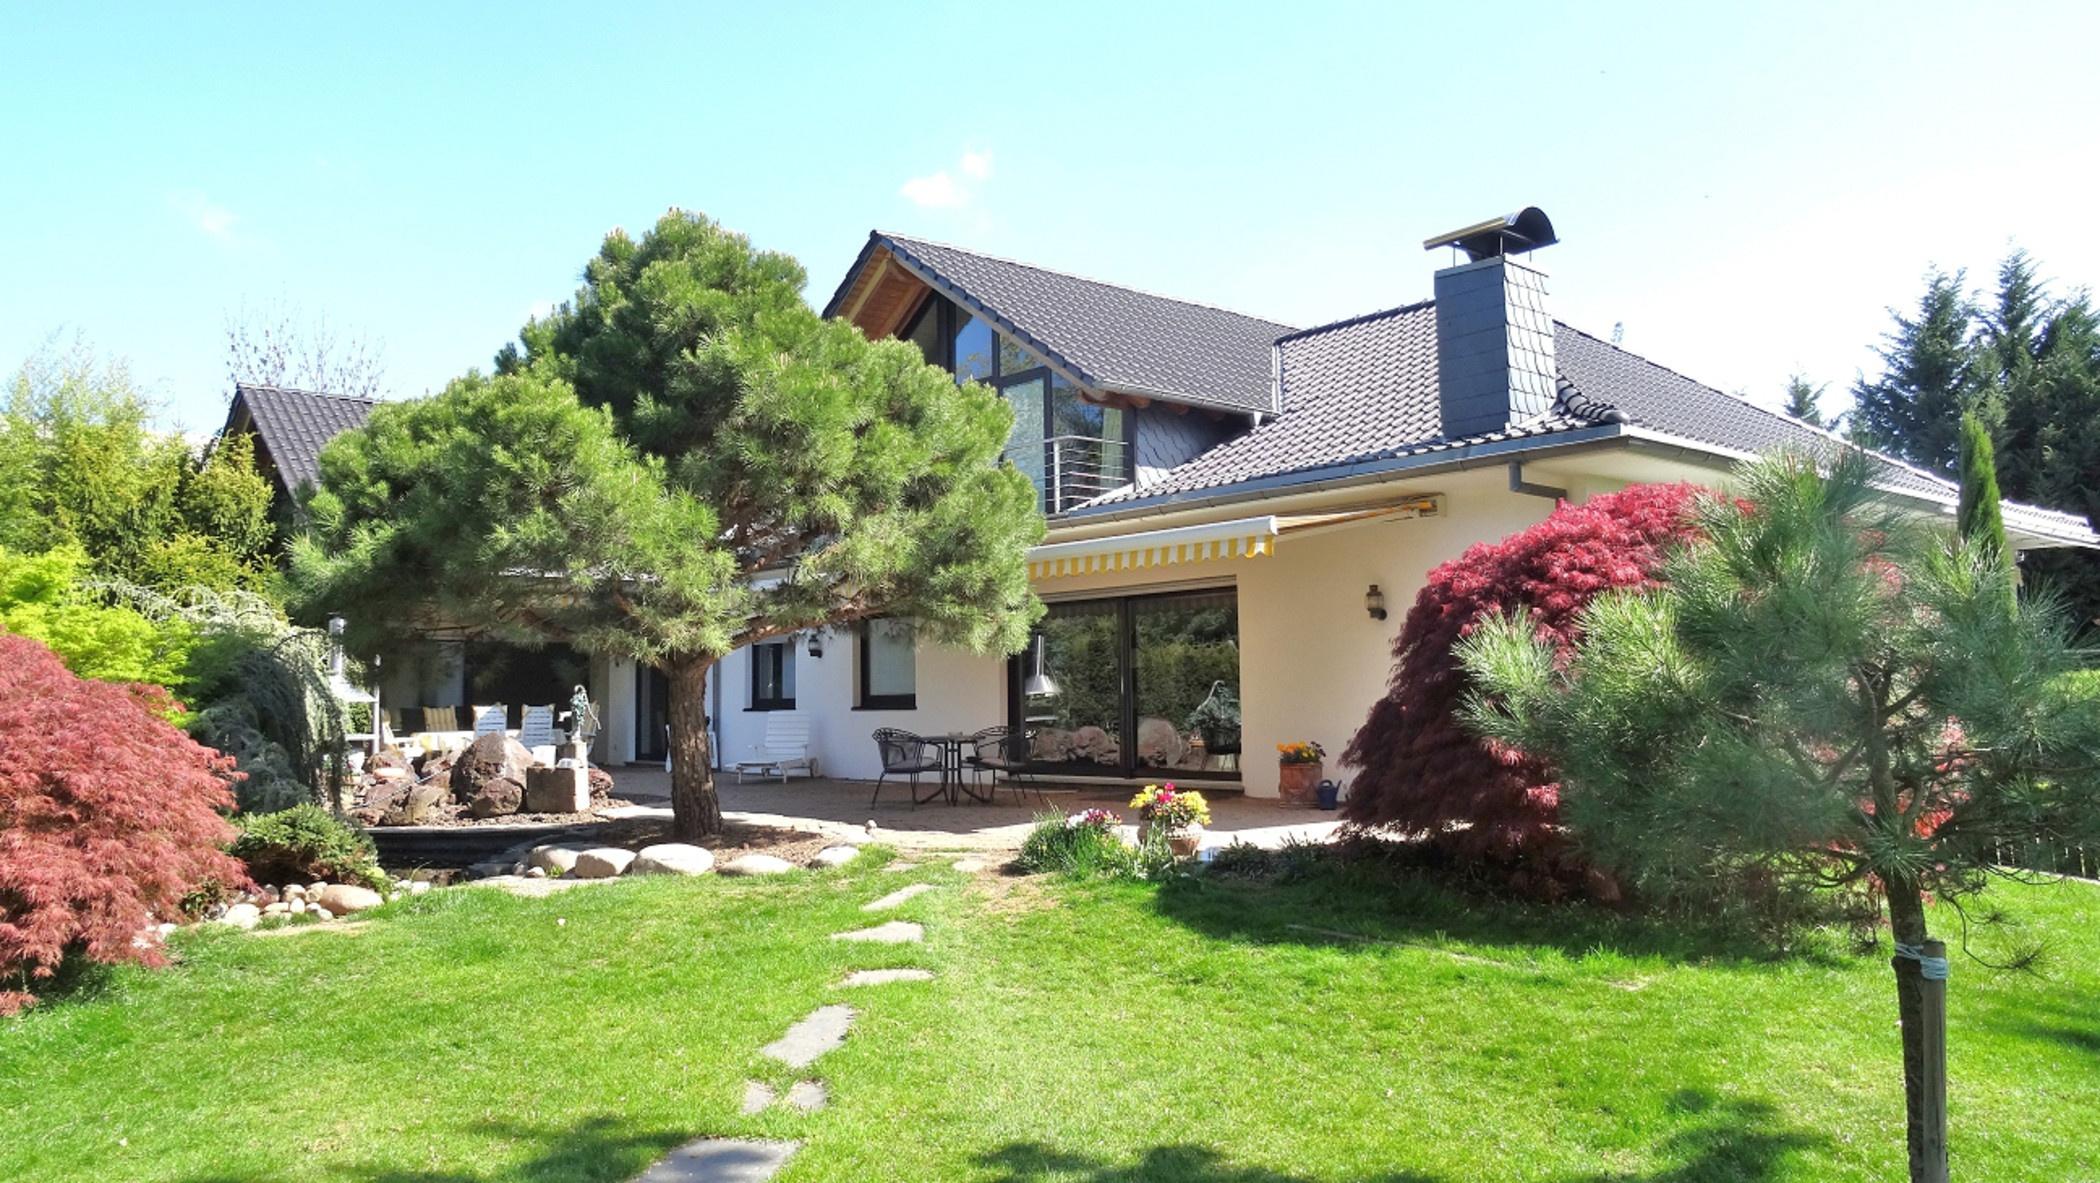 Lifestyle-Immobilie: Villa mit High-End-Ausstattung und paradiesischem Parkgrundstück!, 67549 Worms, Einfamilienhaus